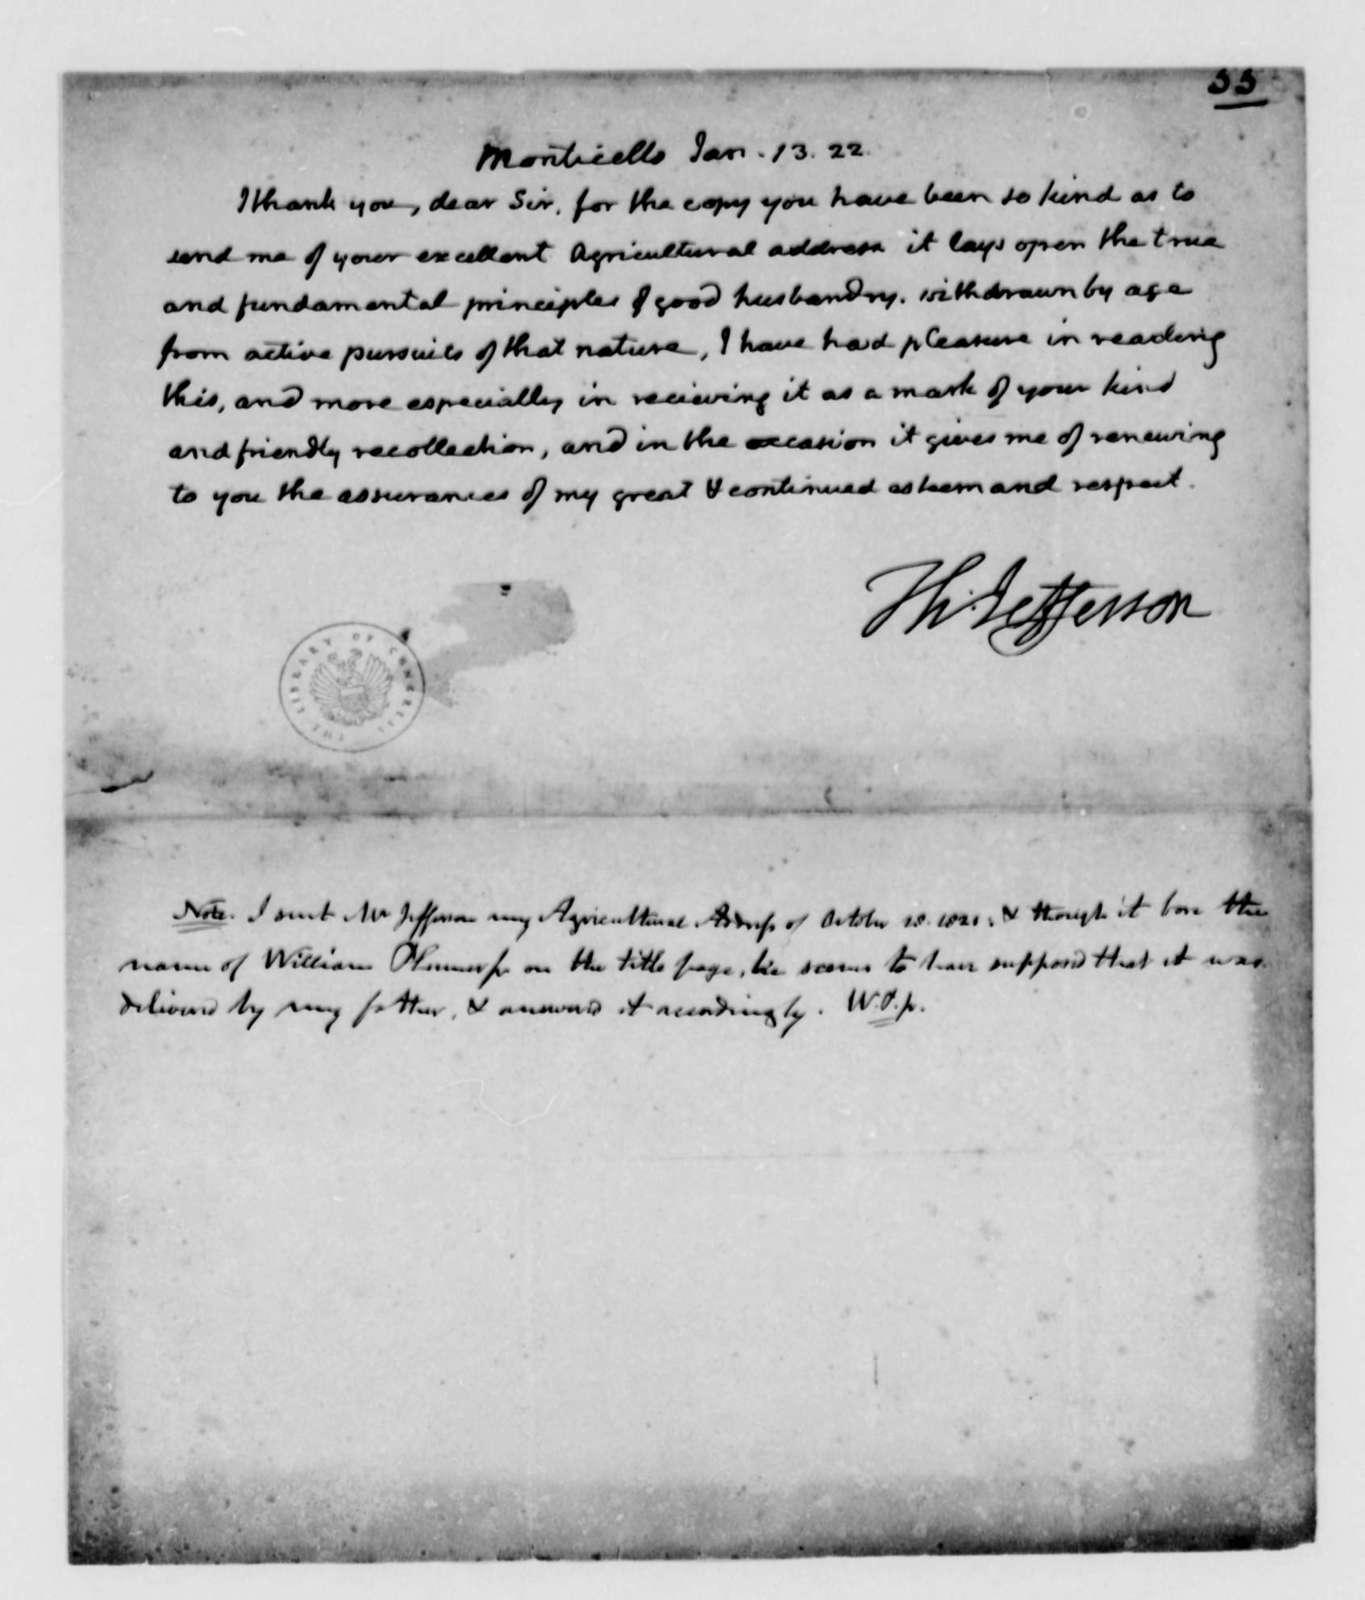 Thomas Jefferson to William Plumer, Jr., January 13, 1822